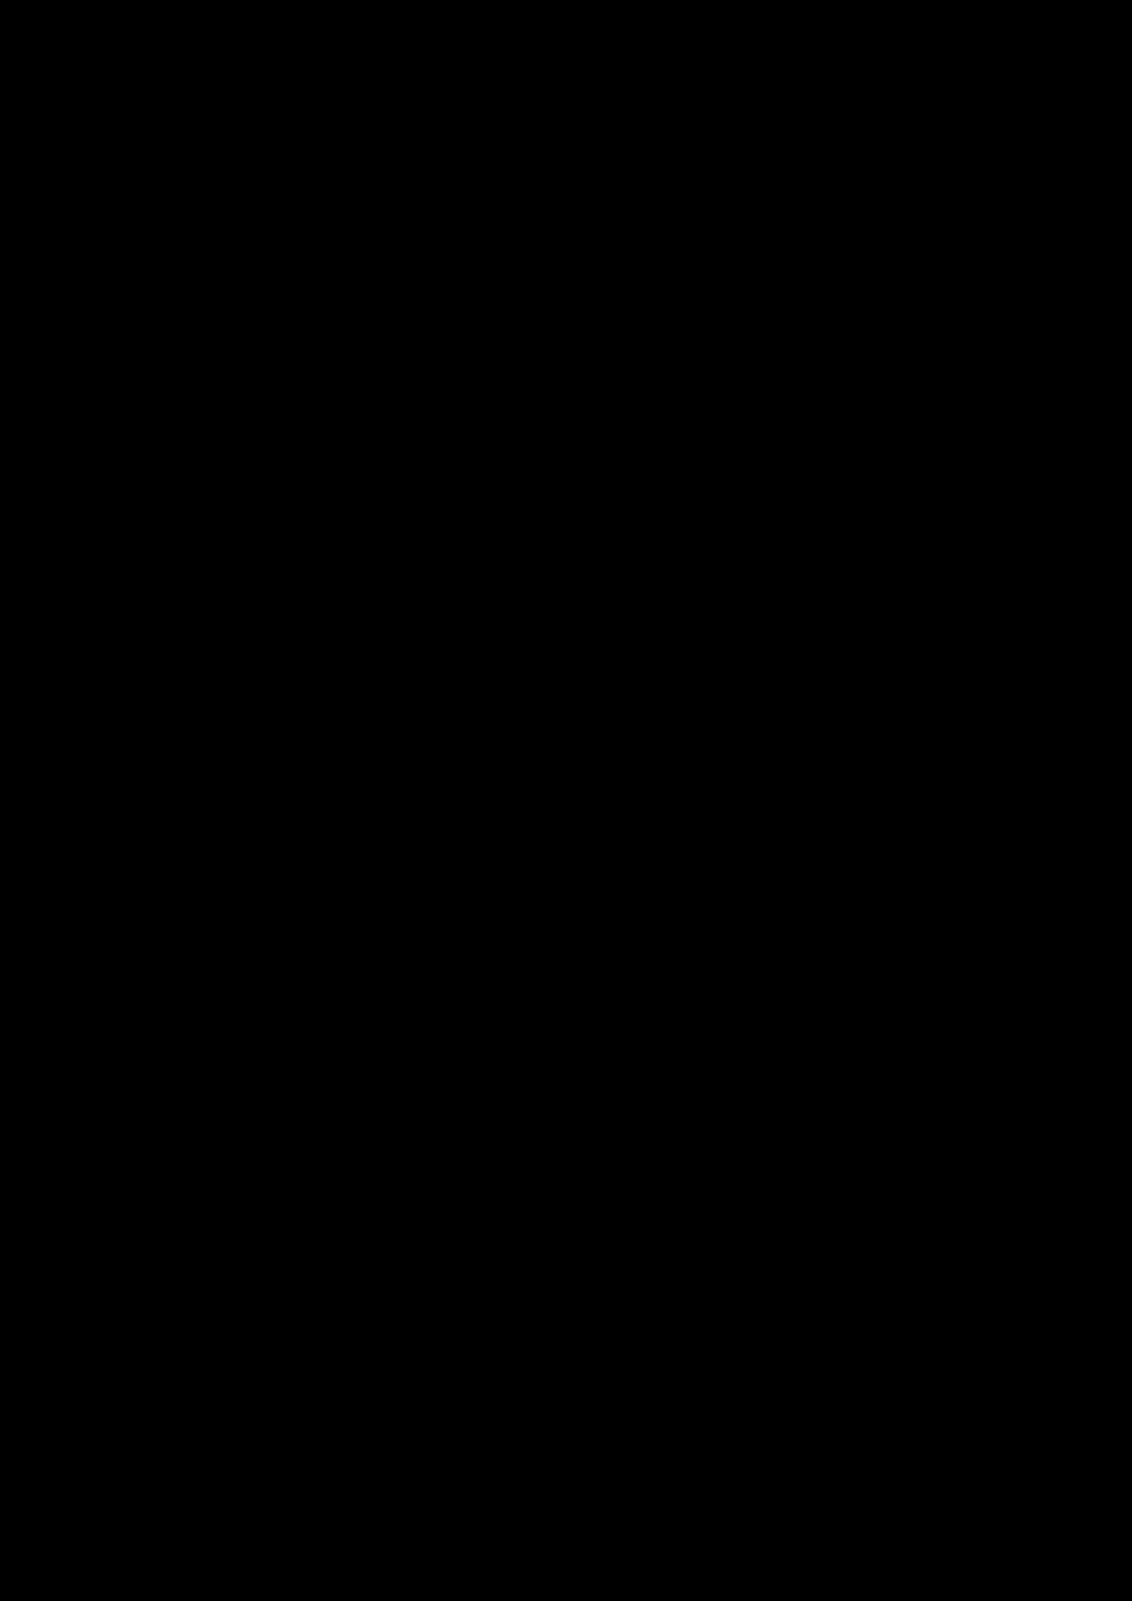 Osobyiy Rezon slide, Image 8